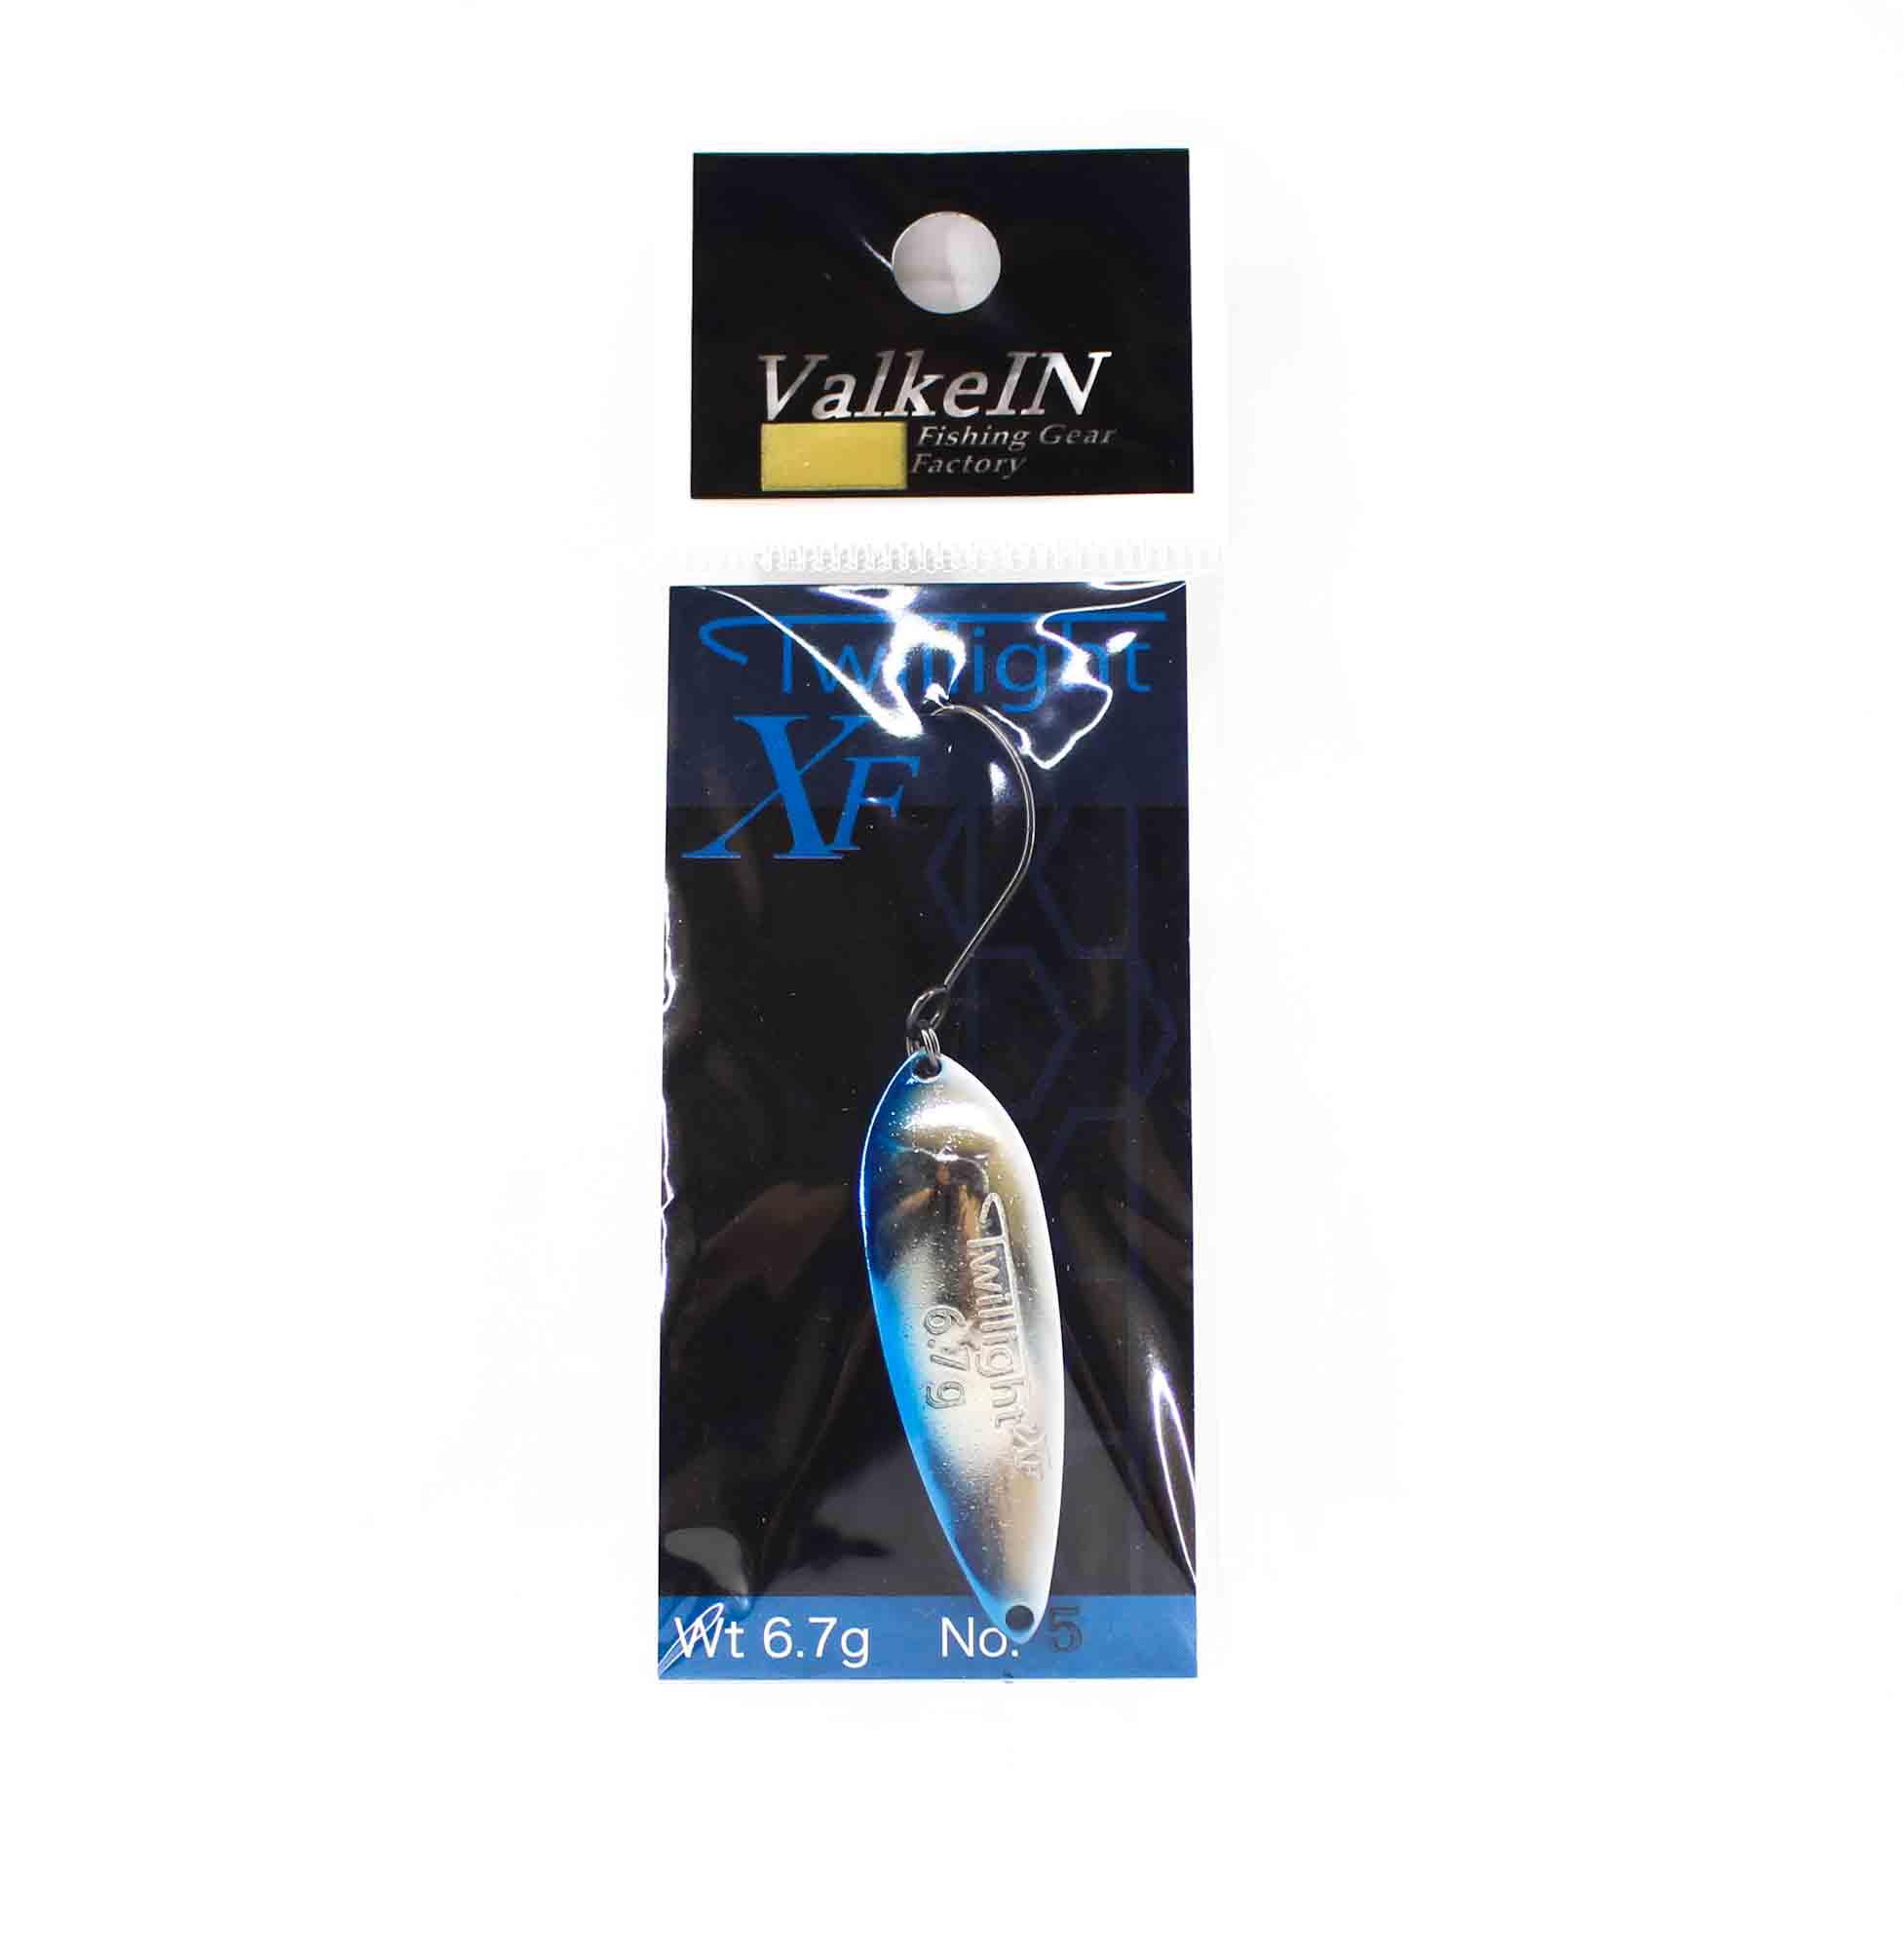 Valkein Spoon Twilight XF 6.7 grams Sinking Lure No.5 (8631)